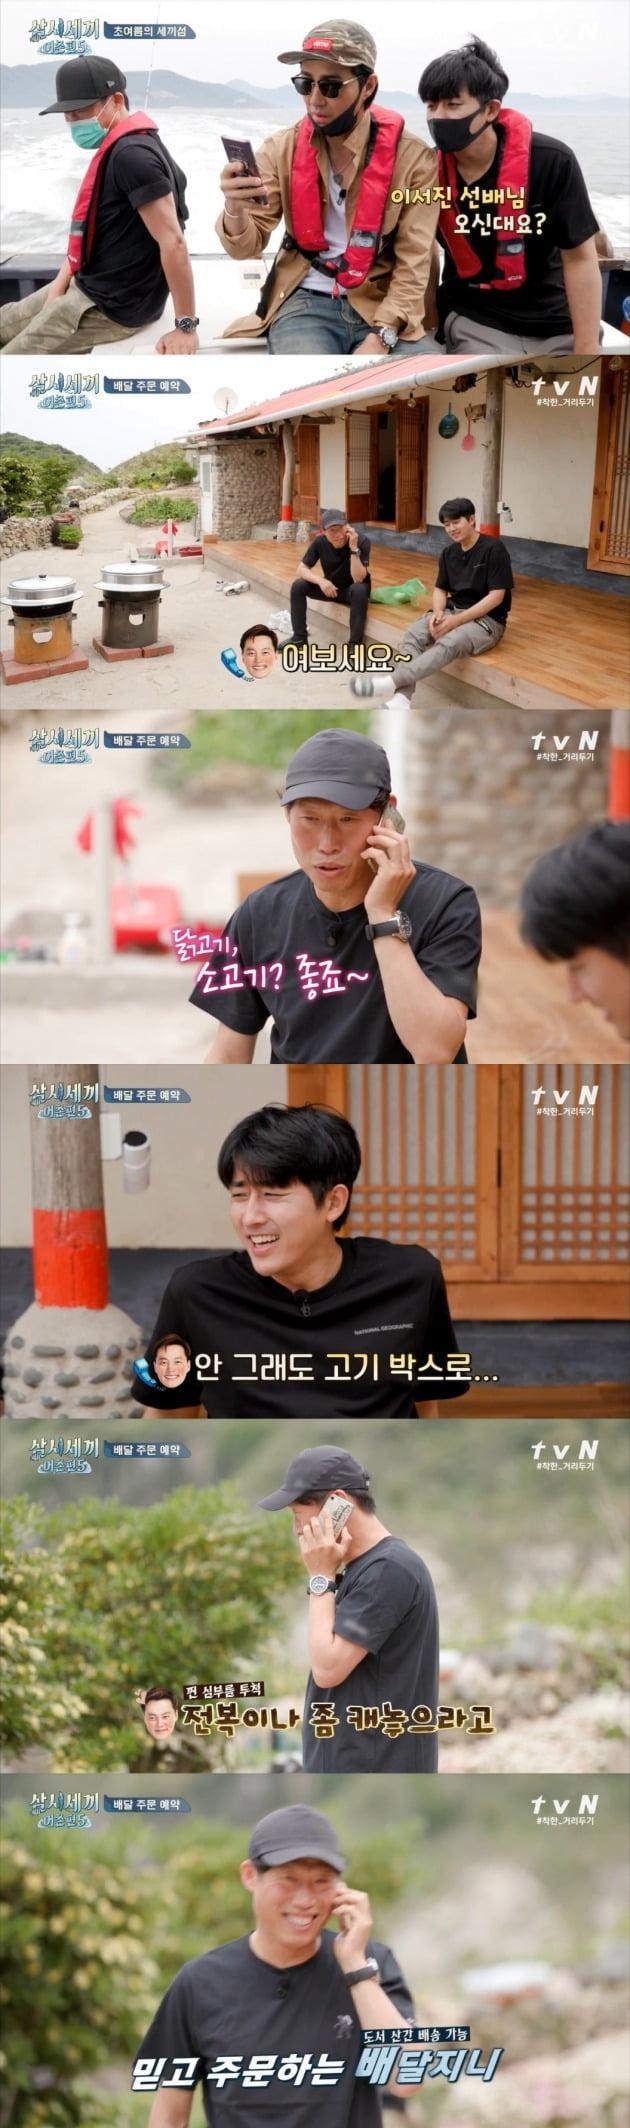 '삼시세끼 어촌편5'에 이서진이 게스트로 출연한다. / 사진=tvN 방송 캡처